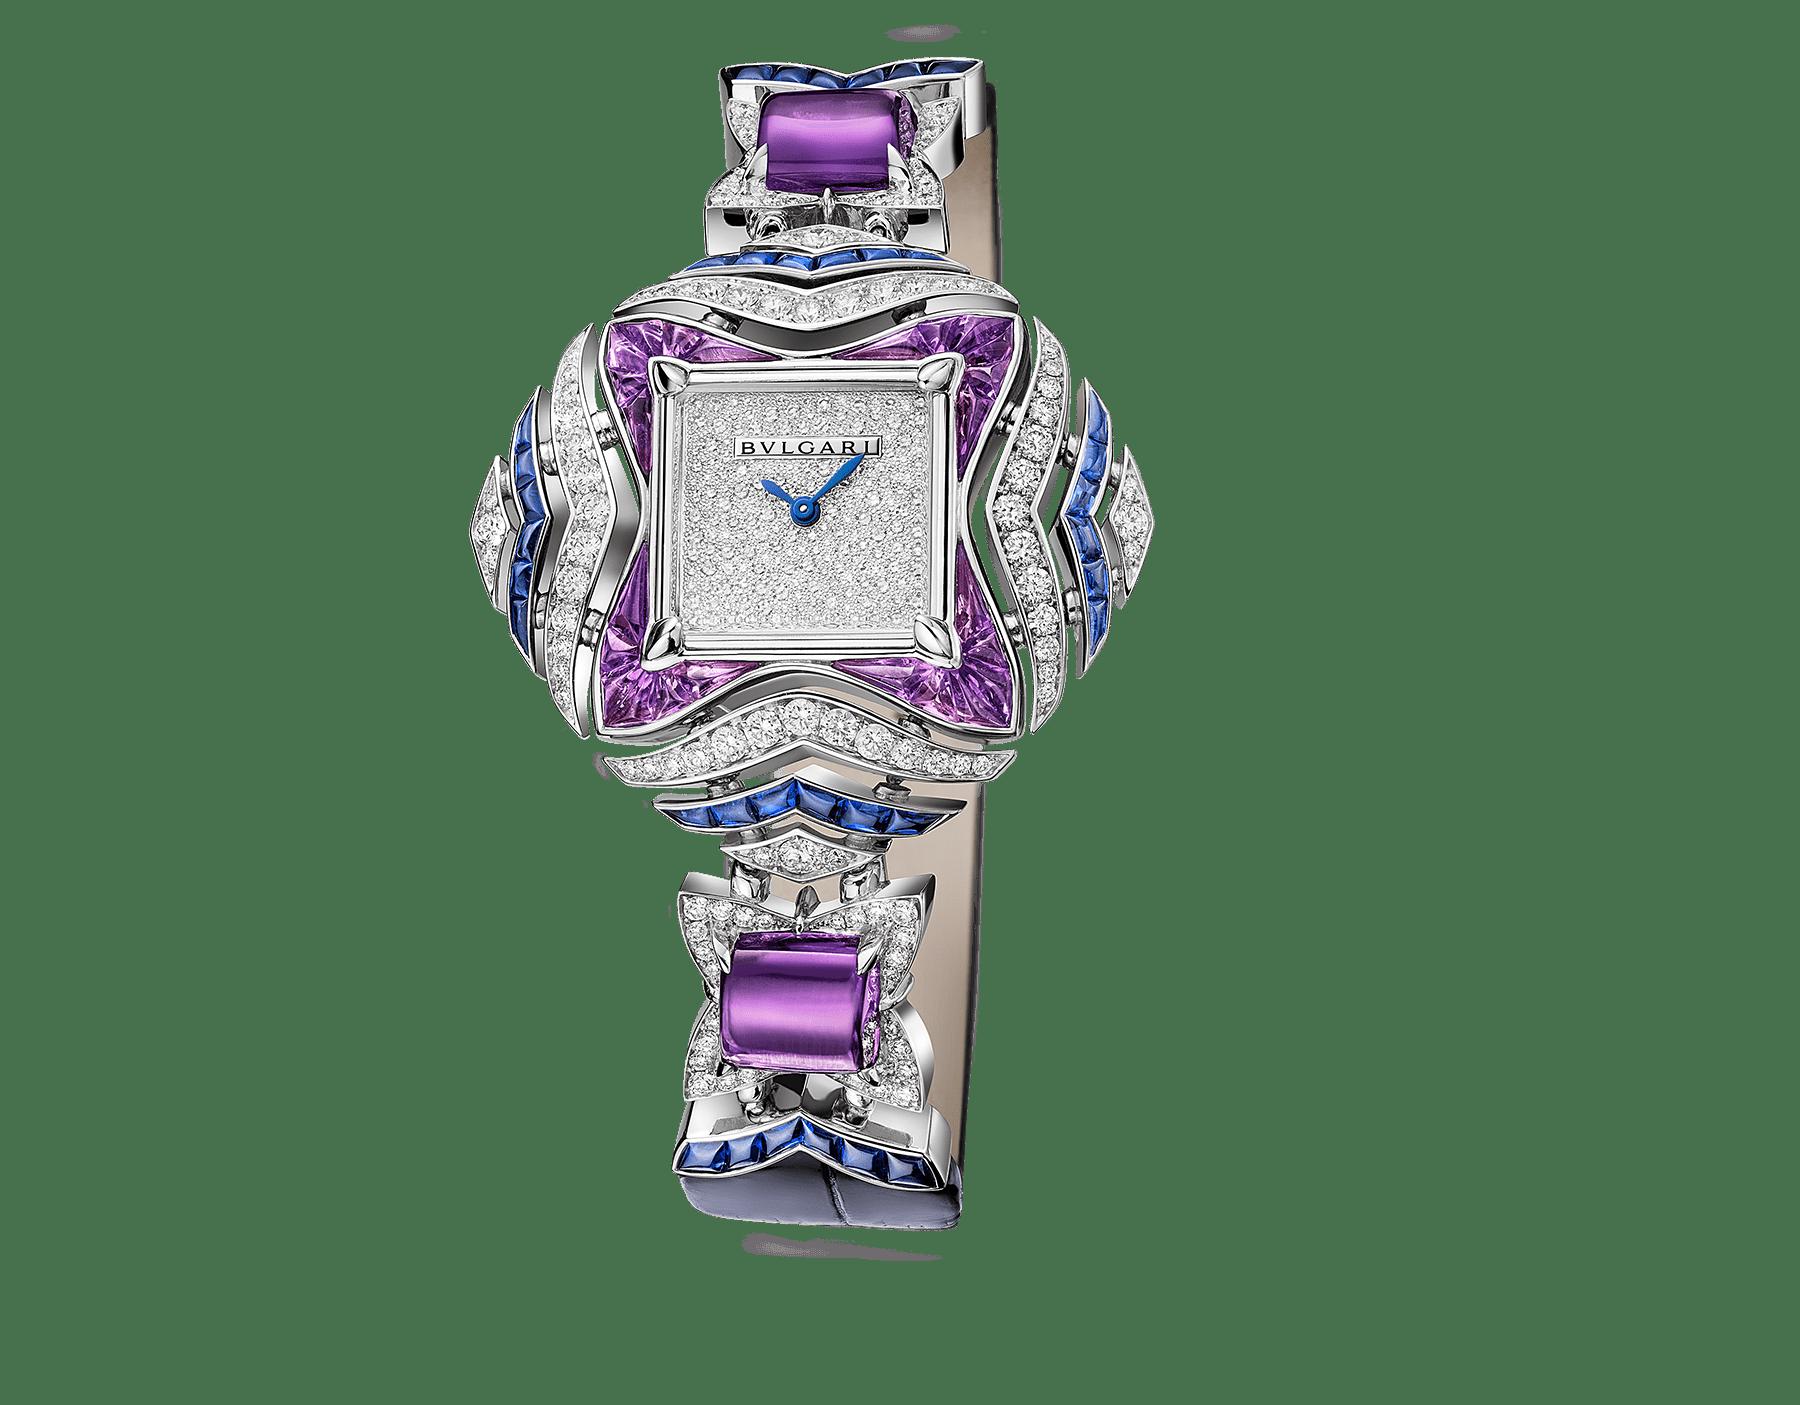 Relógio MVSA com caixa e elos em ouro branco 18K cravejados com diamantes lapidação brilhante, safiras lapidação buff, ametistas lapidação cabochão e buff, mostrador cravejado com diamantes engaste neve e pulseira em couro de jacaré azul 102244 image 1